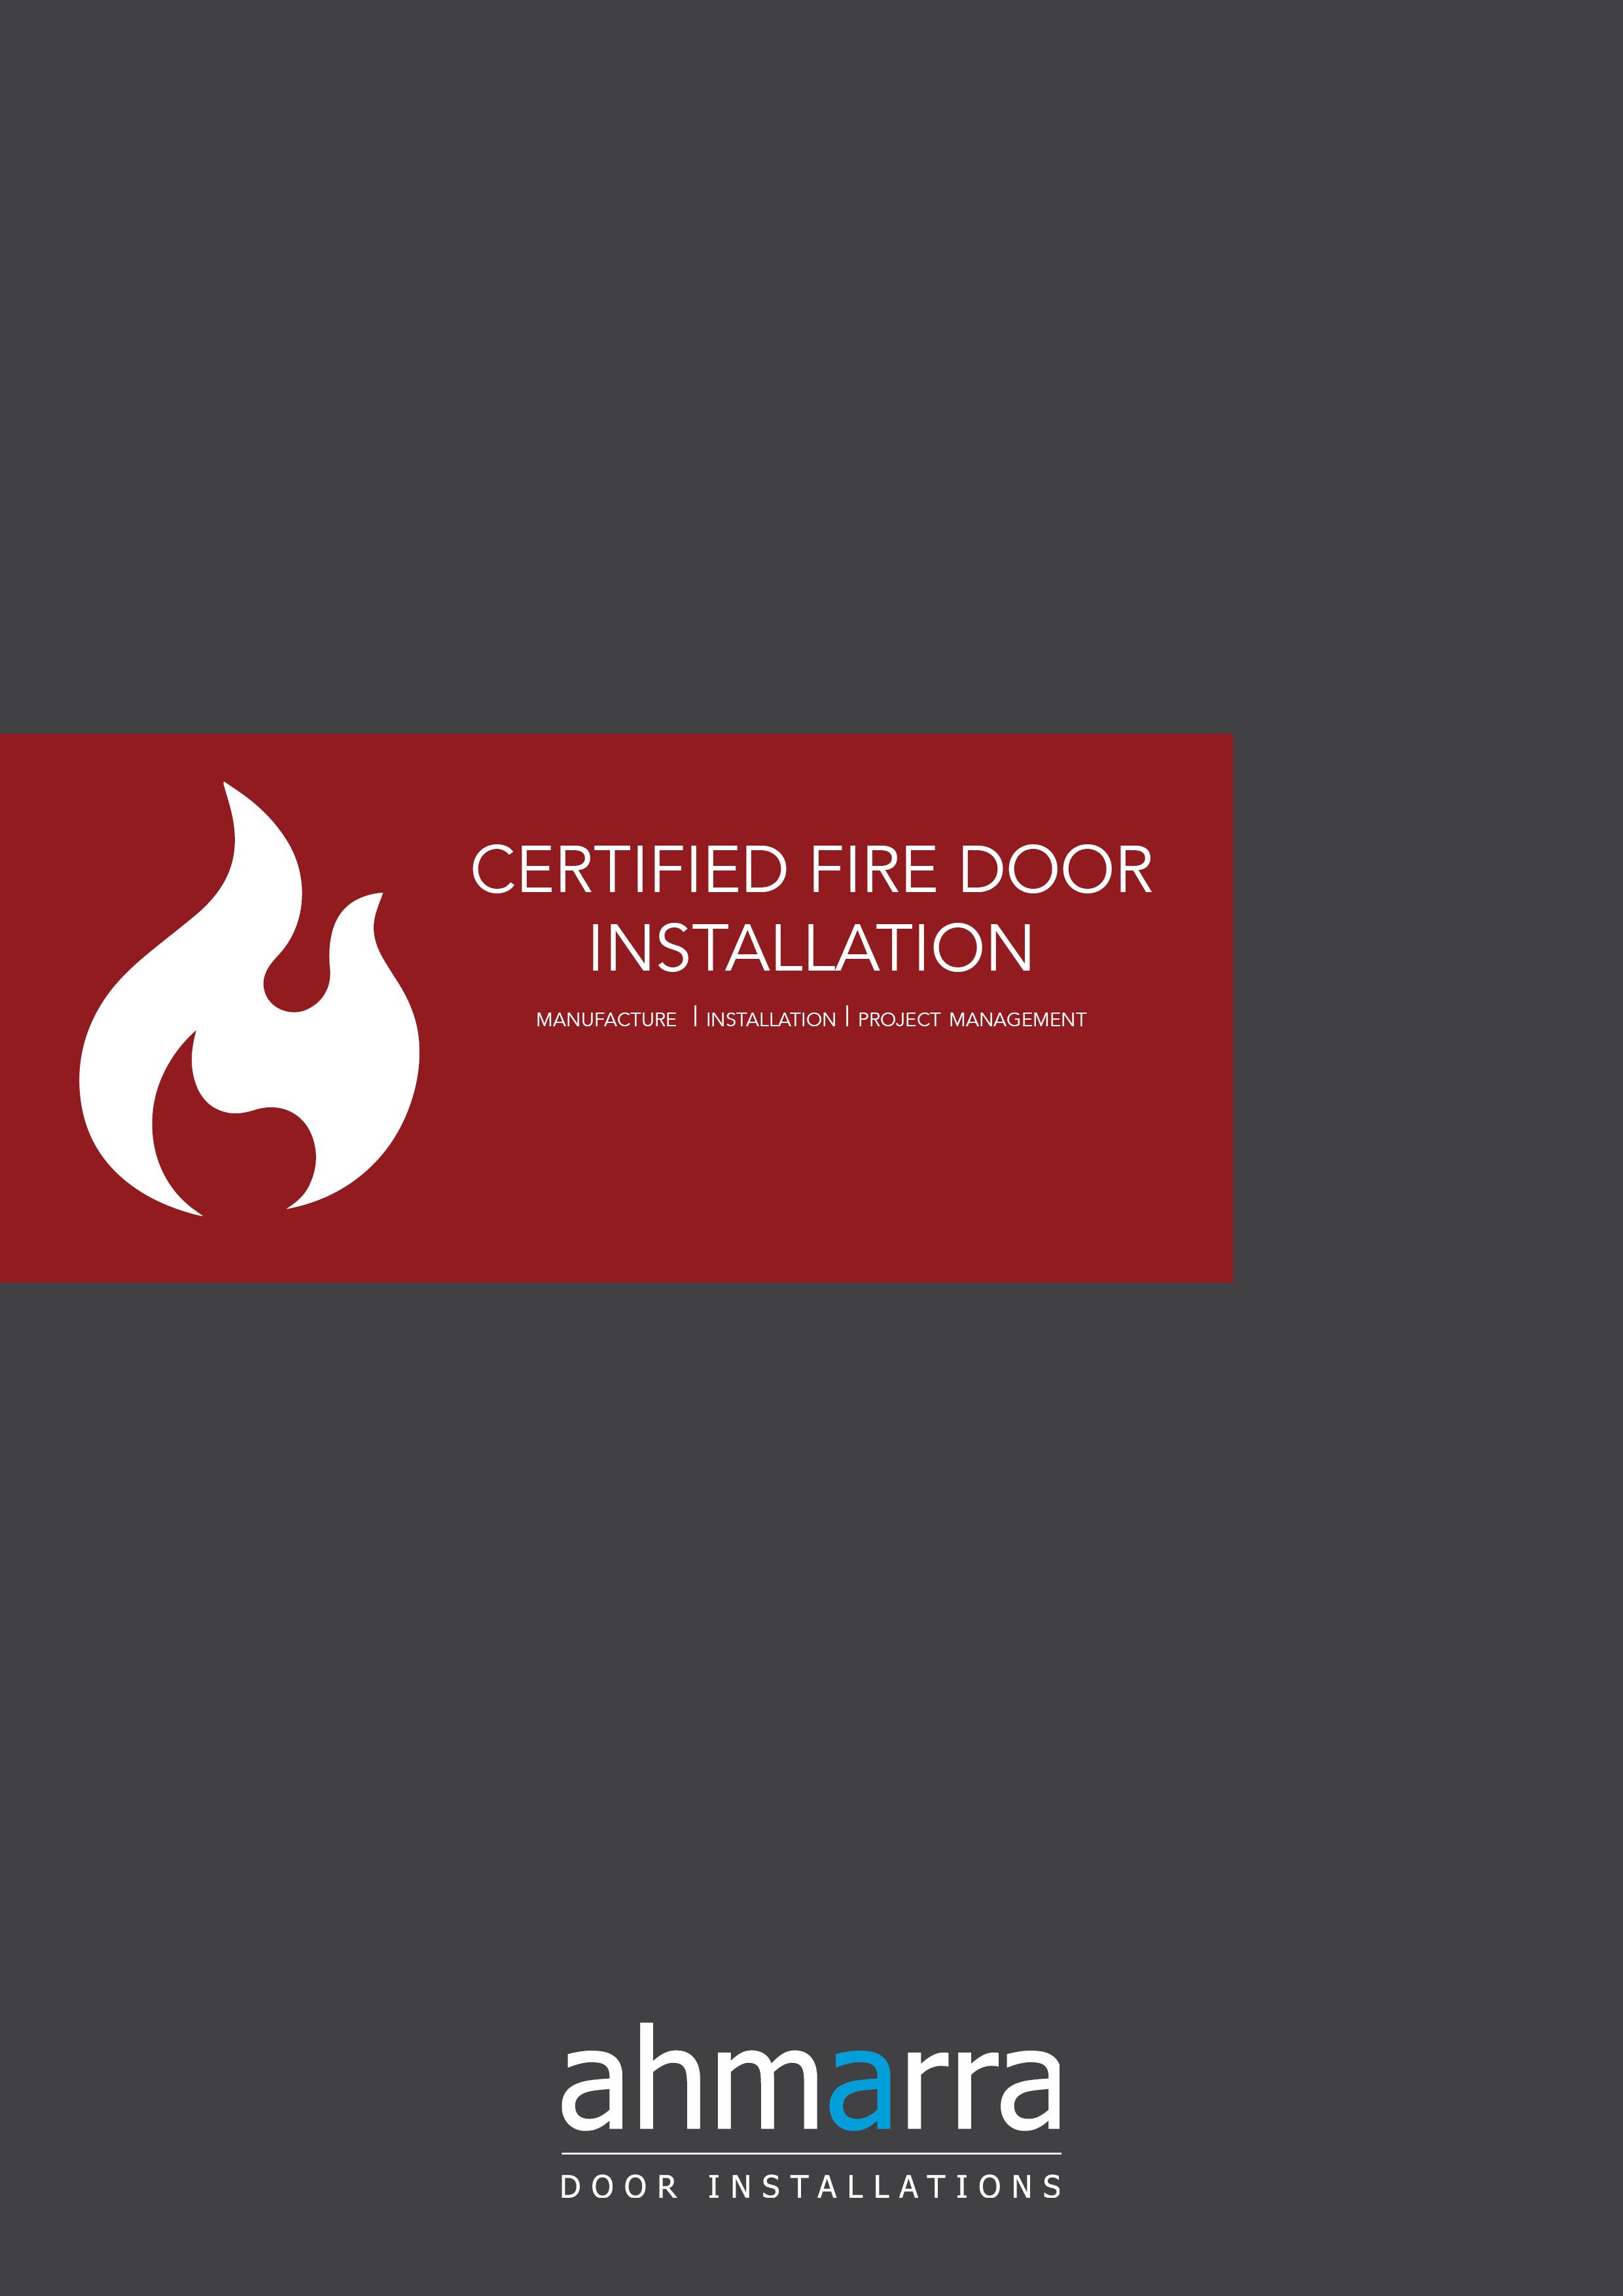 Certified Fire Door Installation Brochure   Ahmarra Door Installations